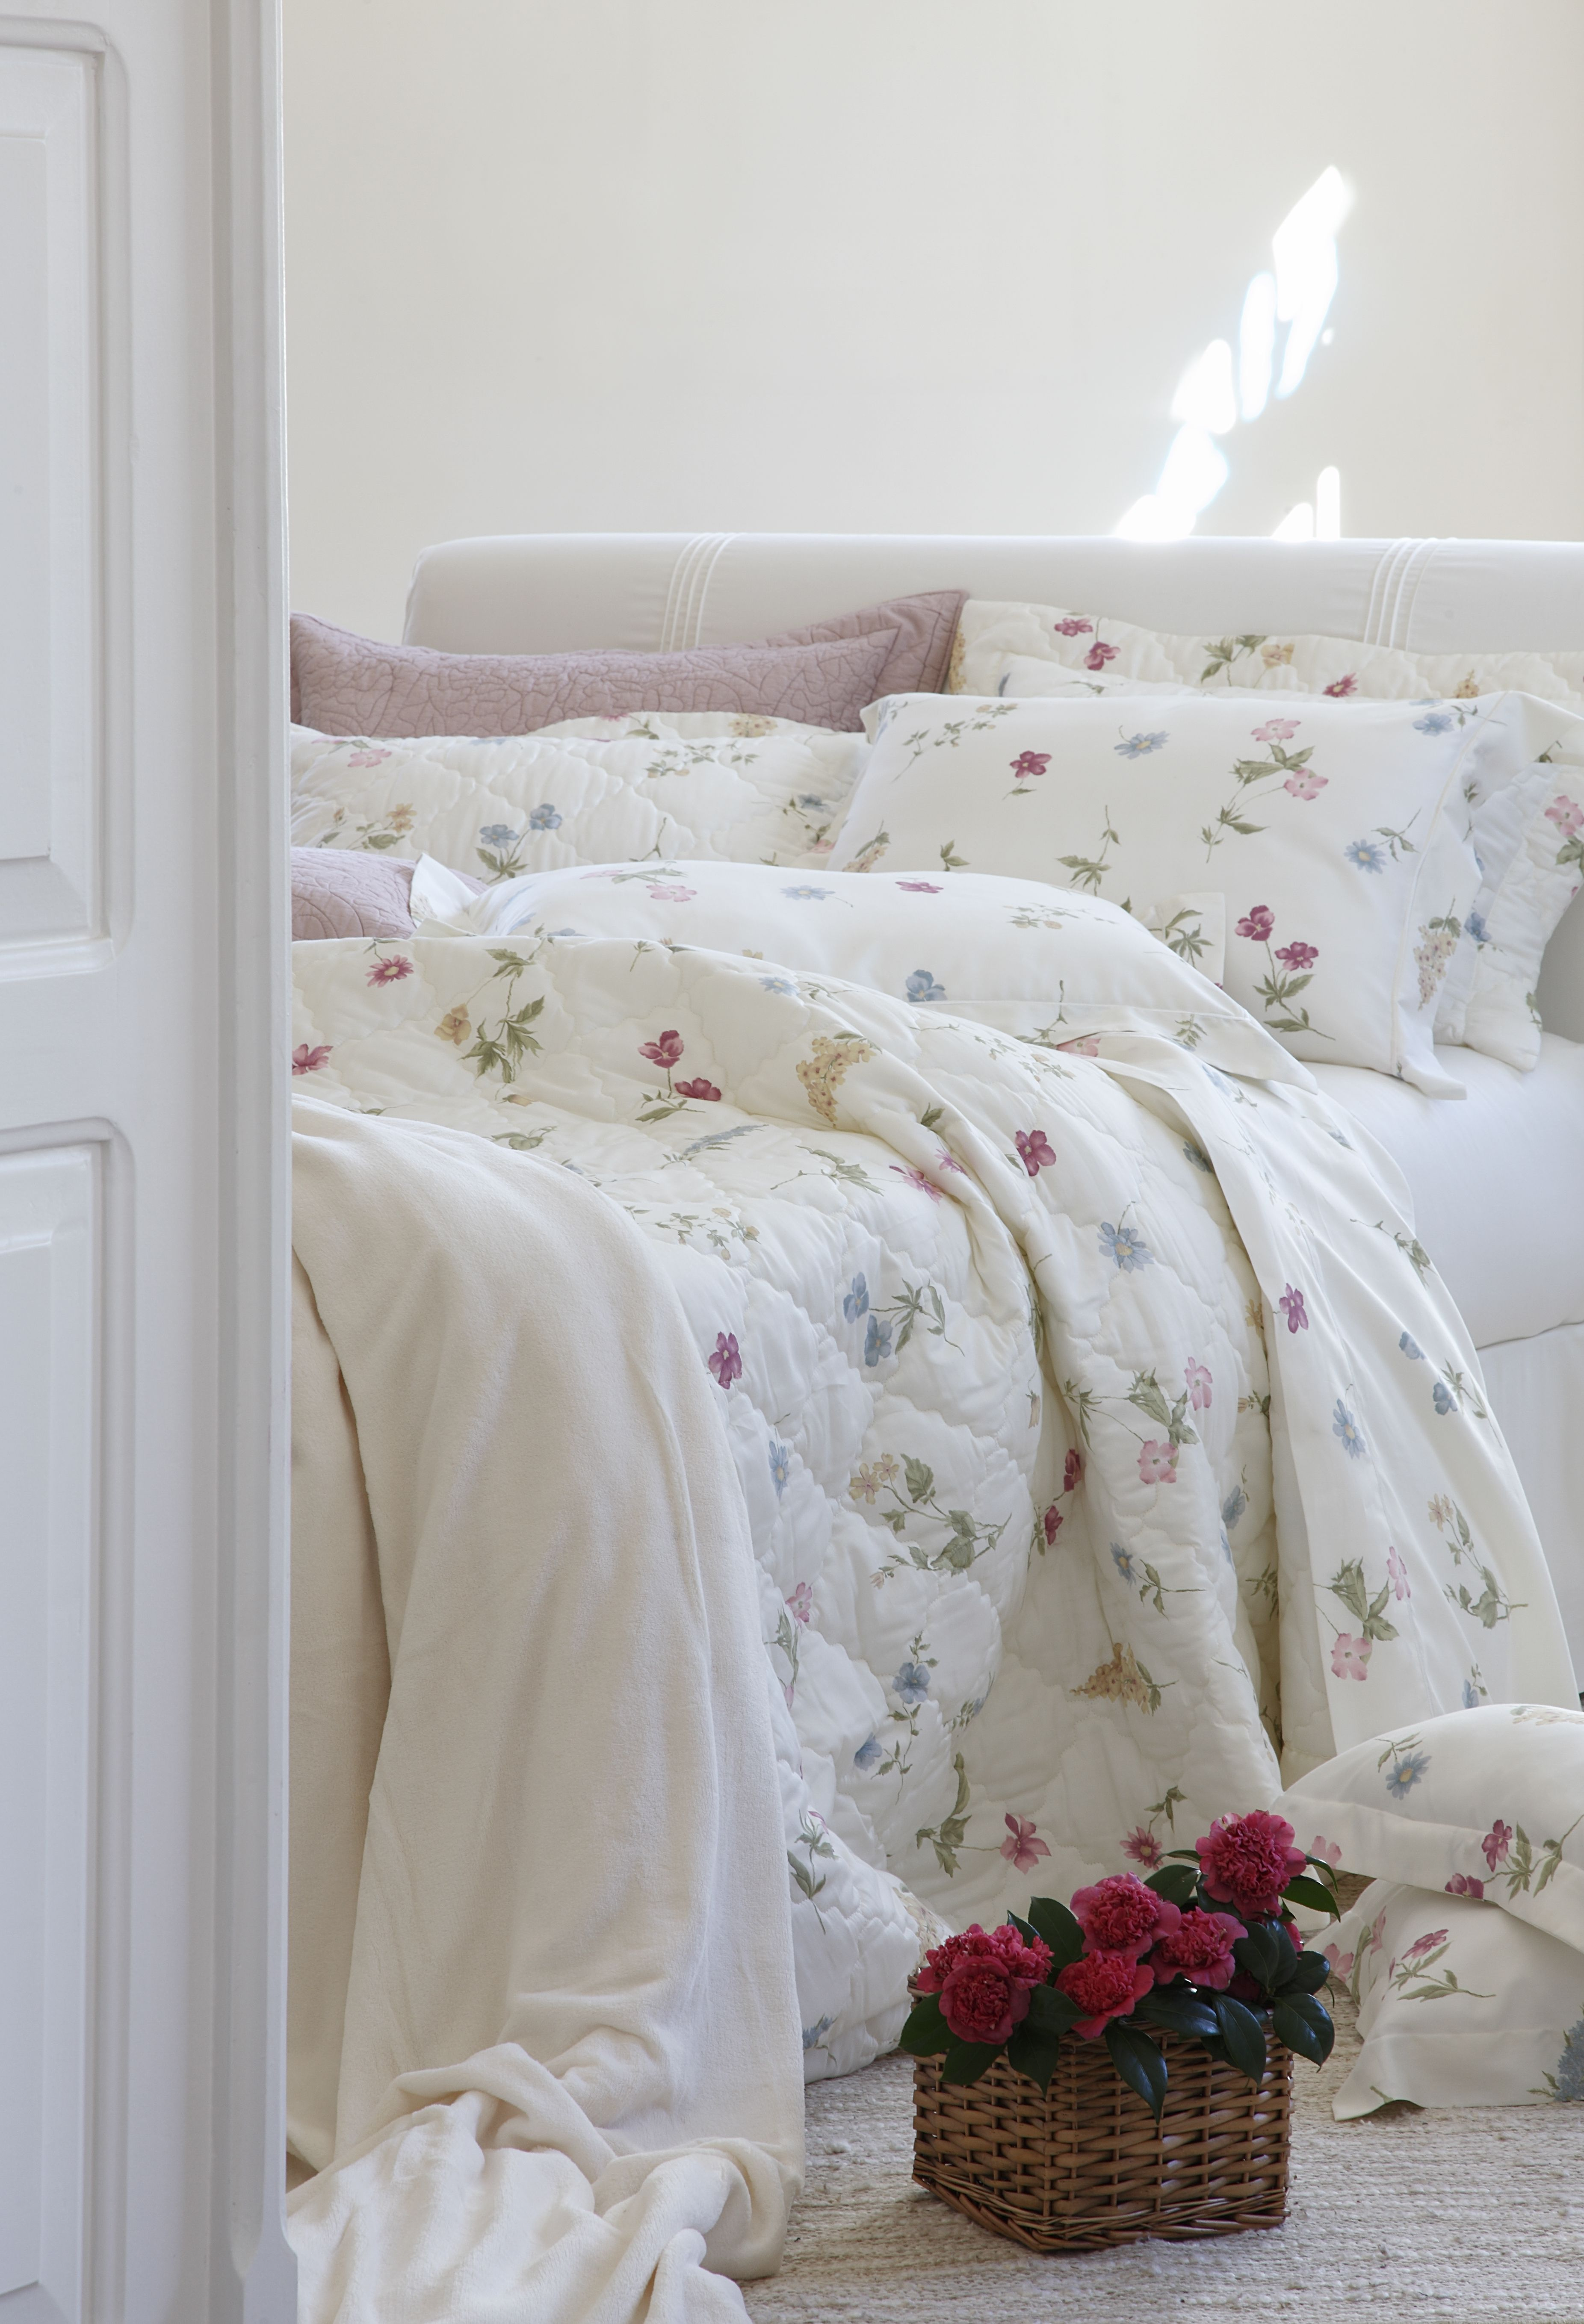 Coleção Julia bit.ly/1fsV2Hc #ScavoneCasa #Scavone #cama #casa #quarto #luxo #roupadecama #room #bedroom #inspiracao #decor #decoracao #inspiration